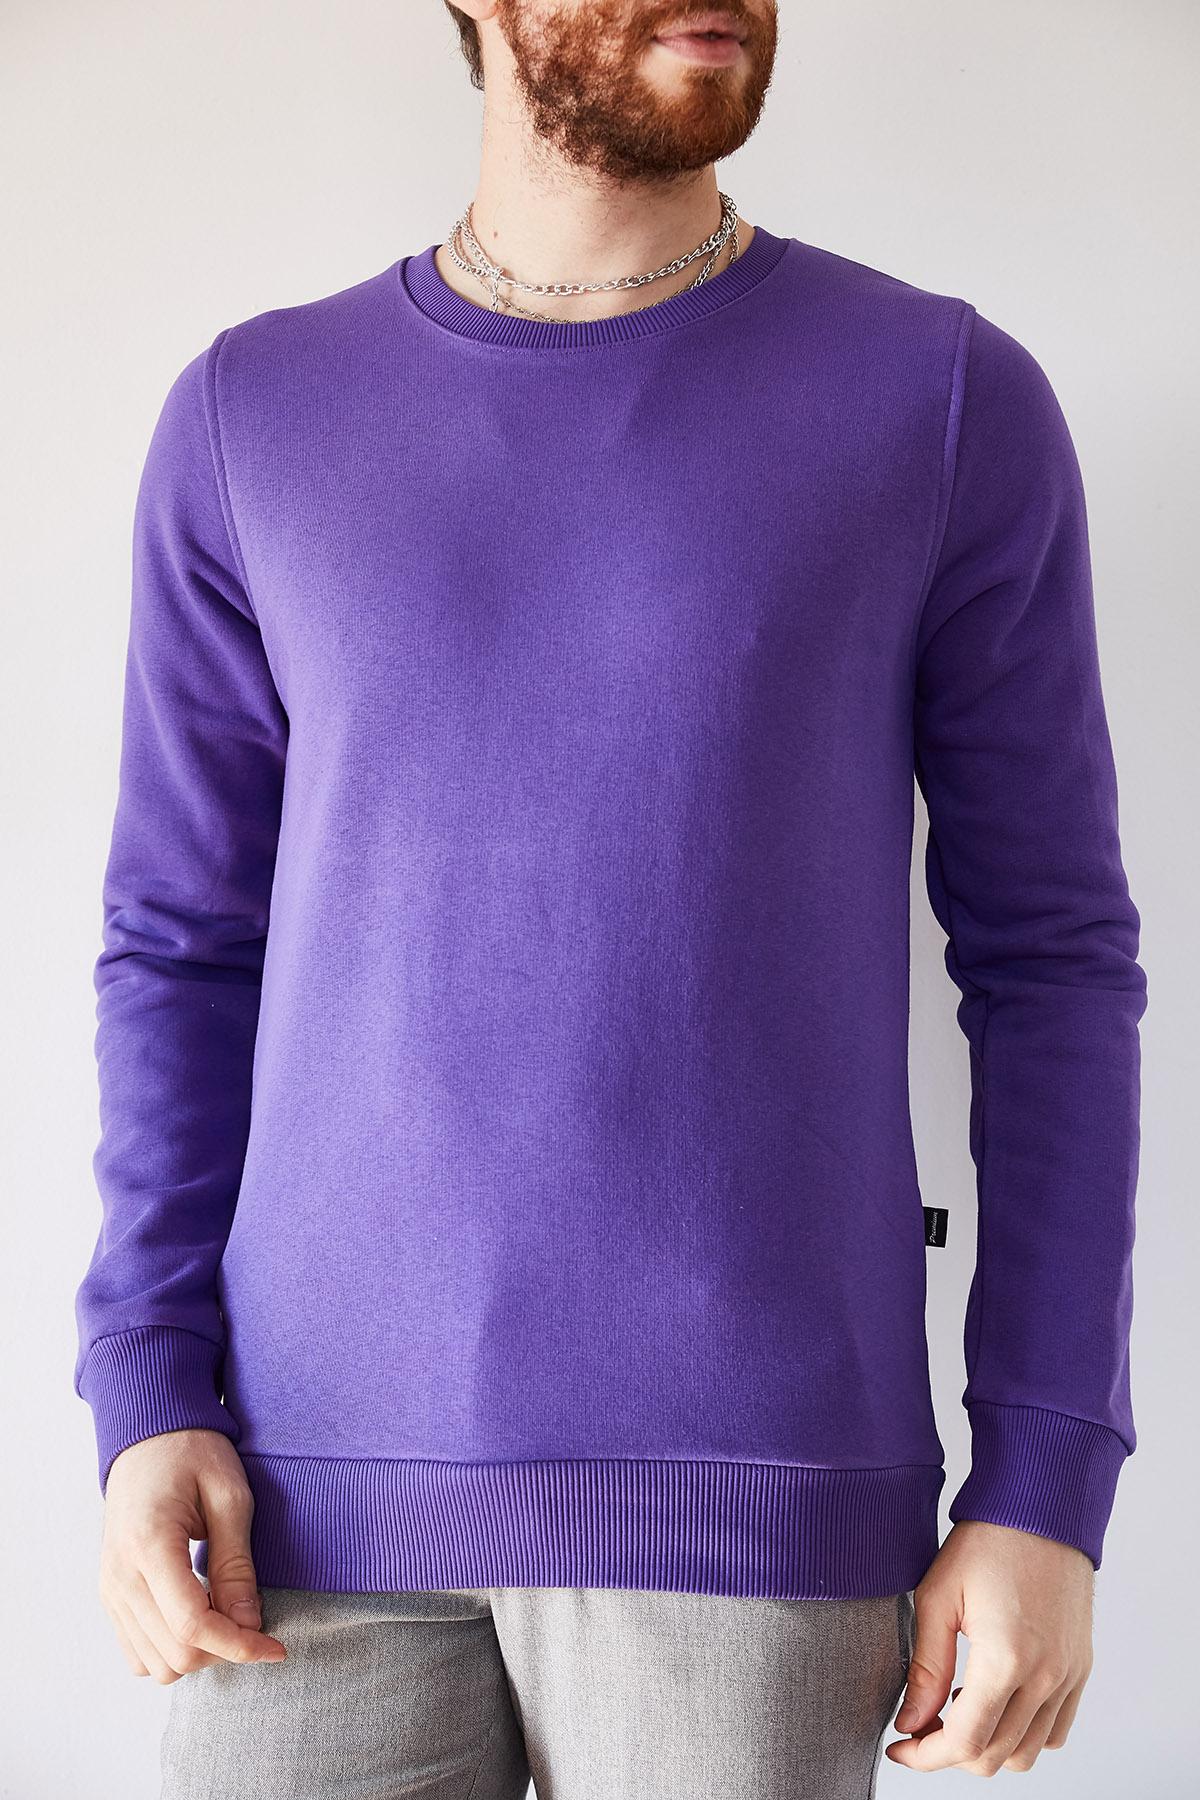 - Mor Basic Sweatshirt 1KXE8-44236-06